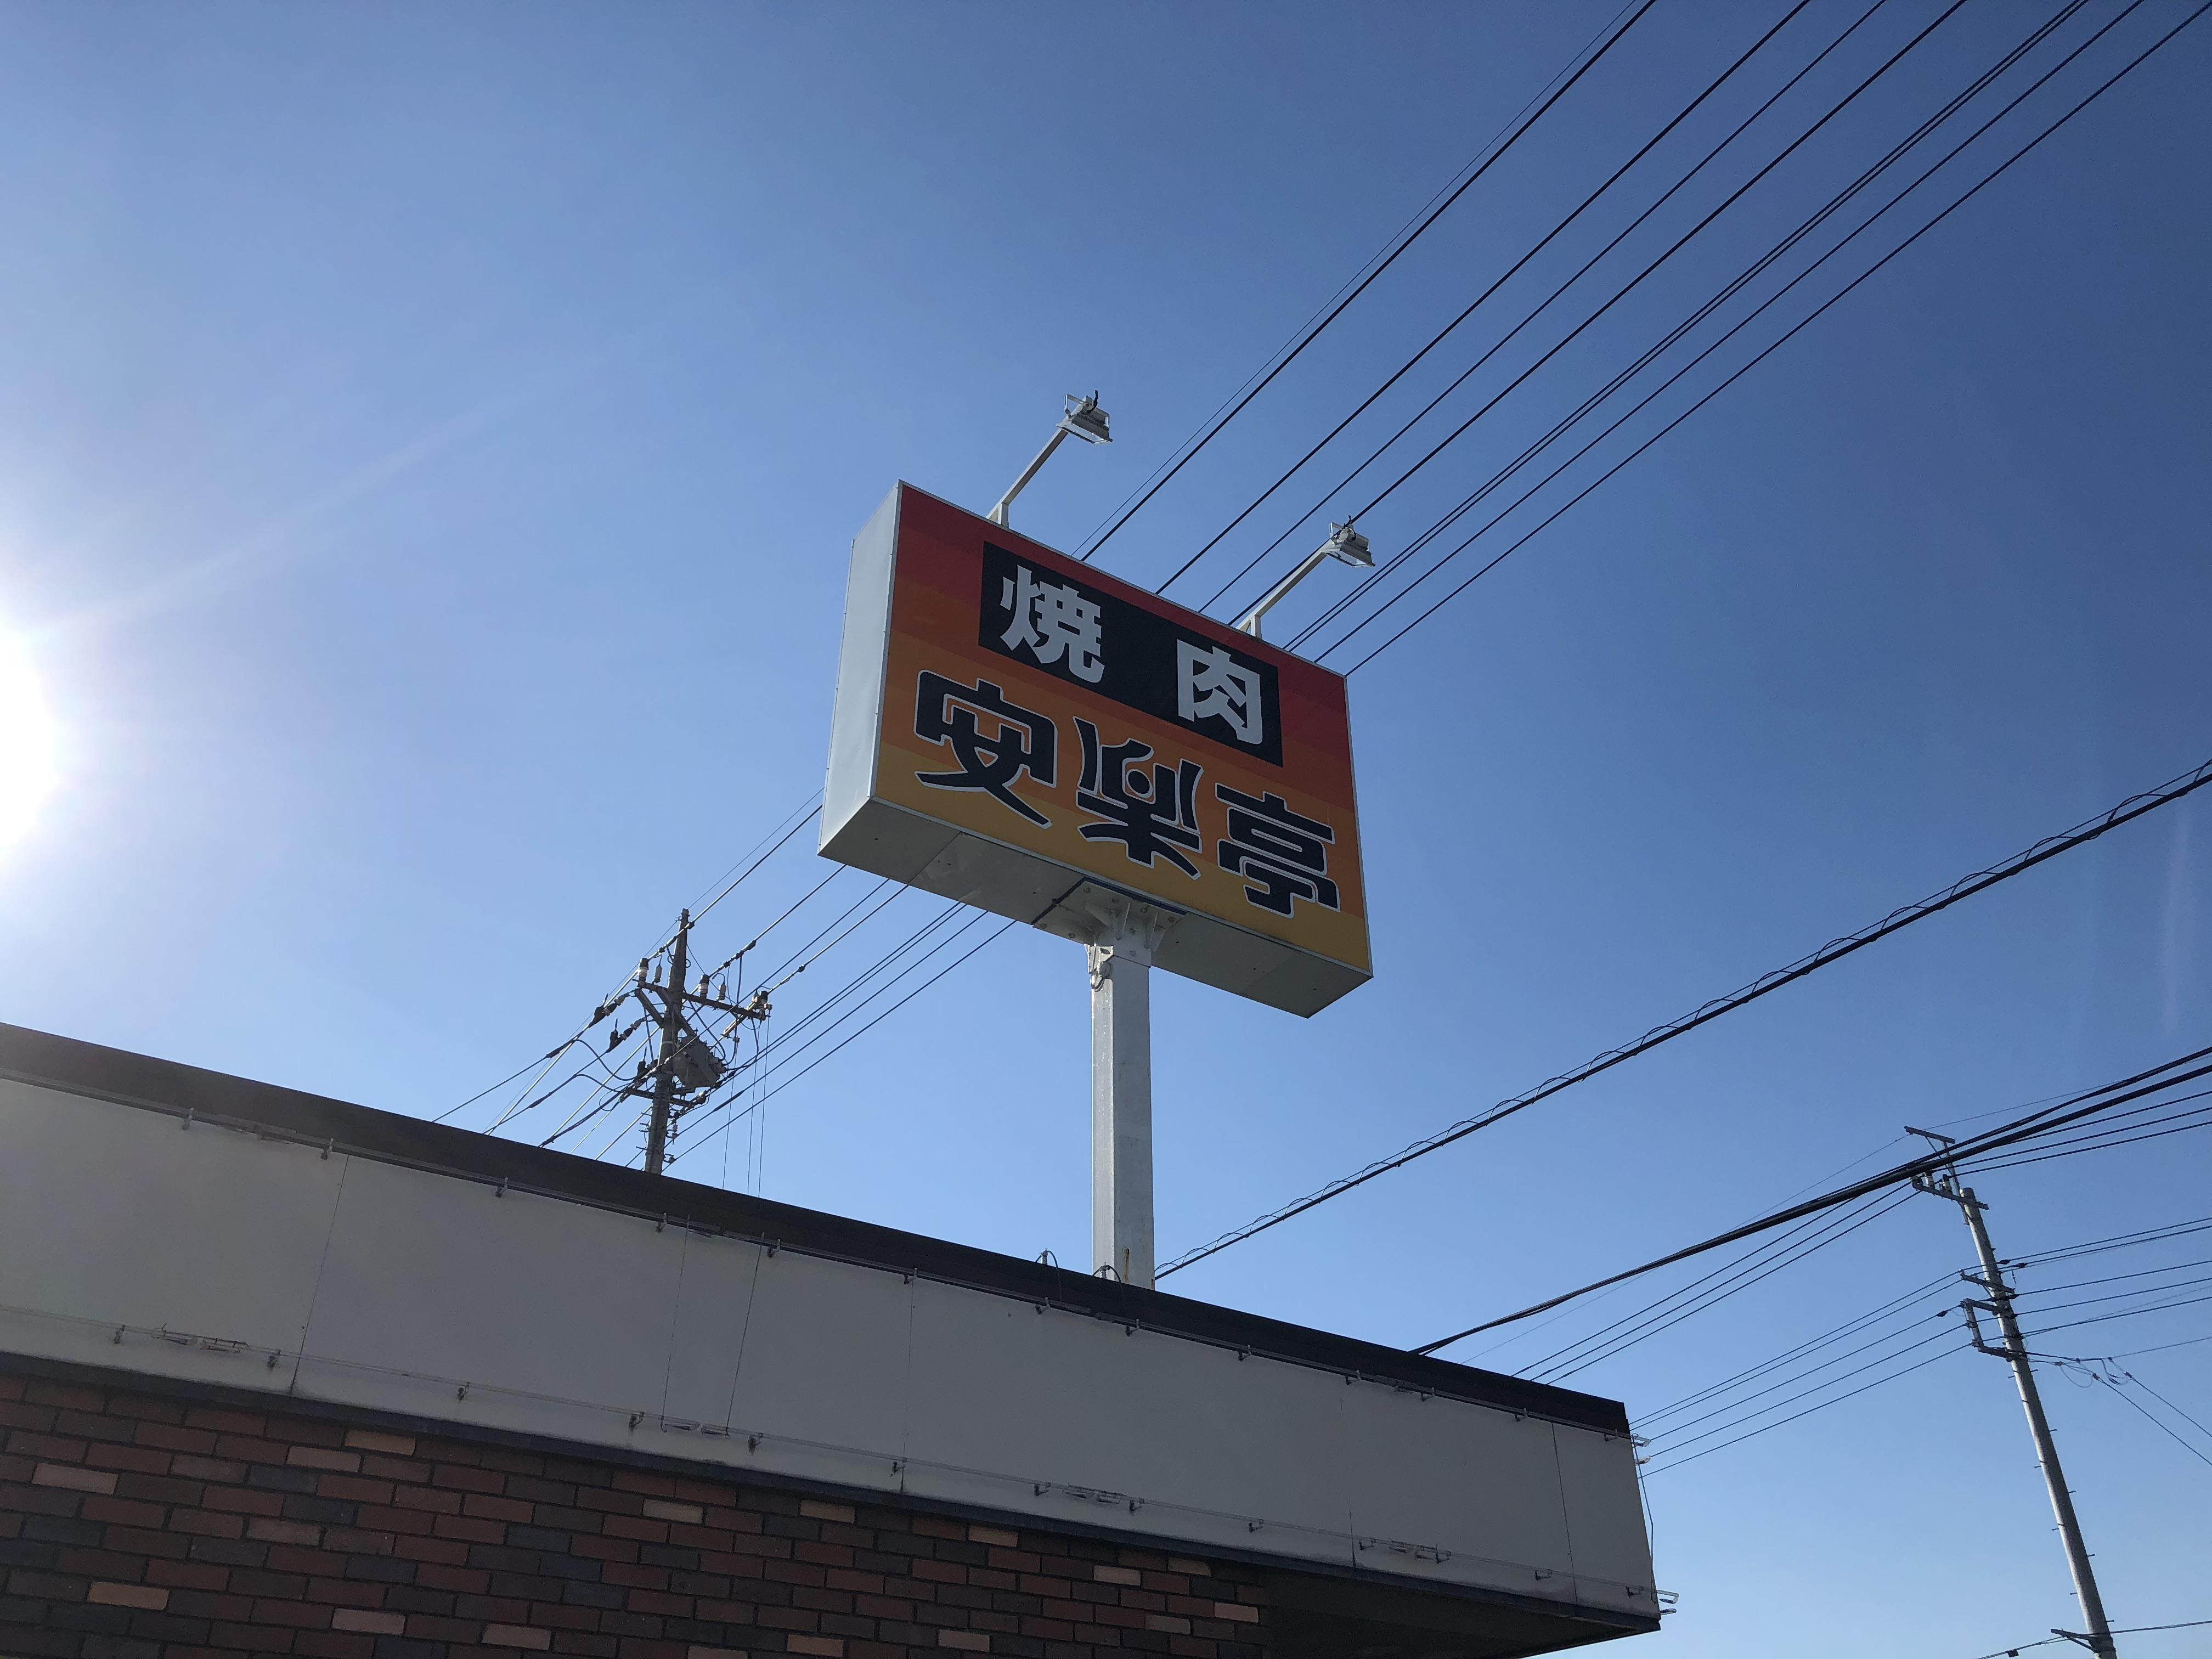 埼玉県入間市にある安楽亭の大きな看板